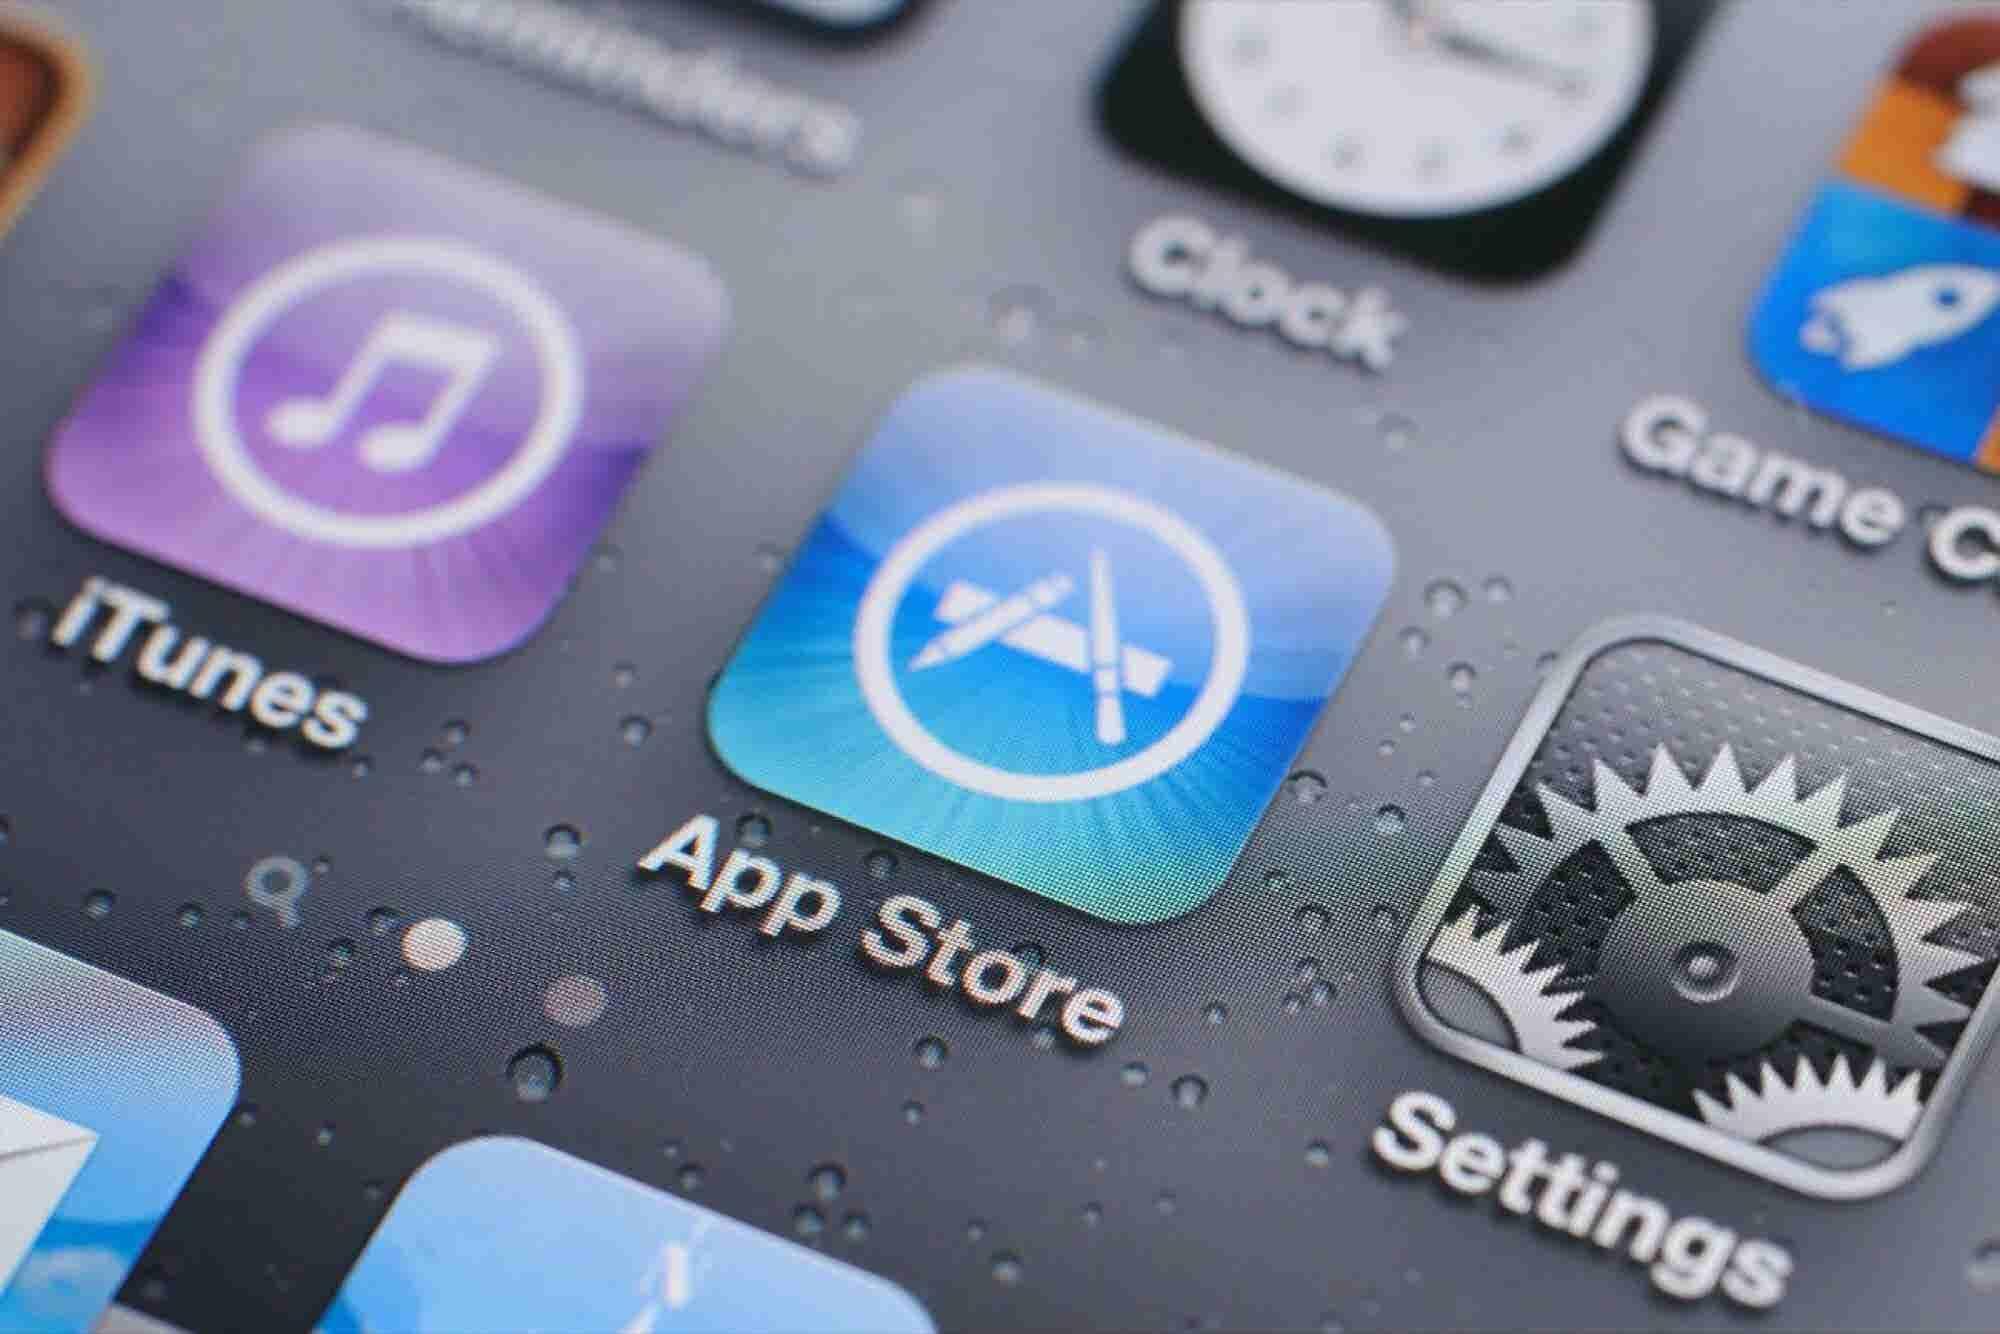 Las 10 apps más descargadas del App Store en los últimos 10 años